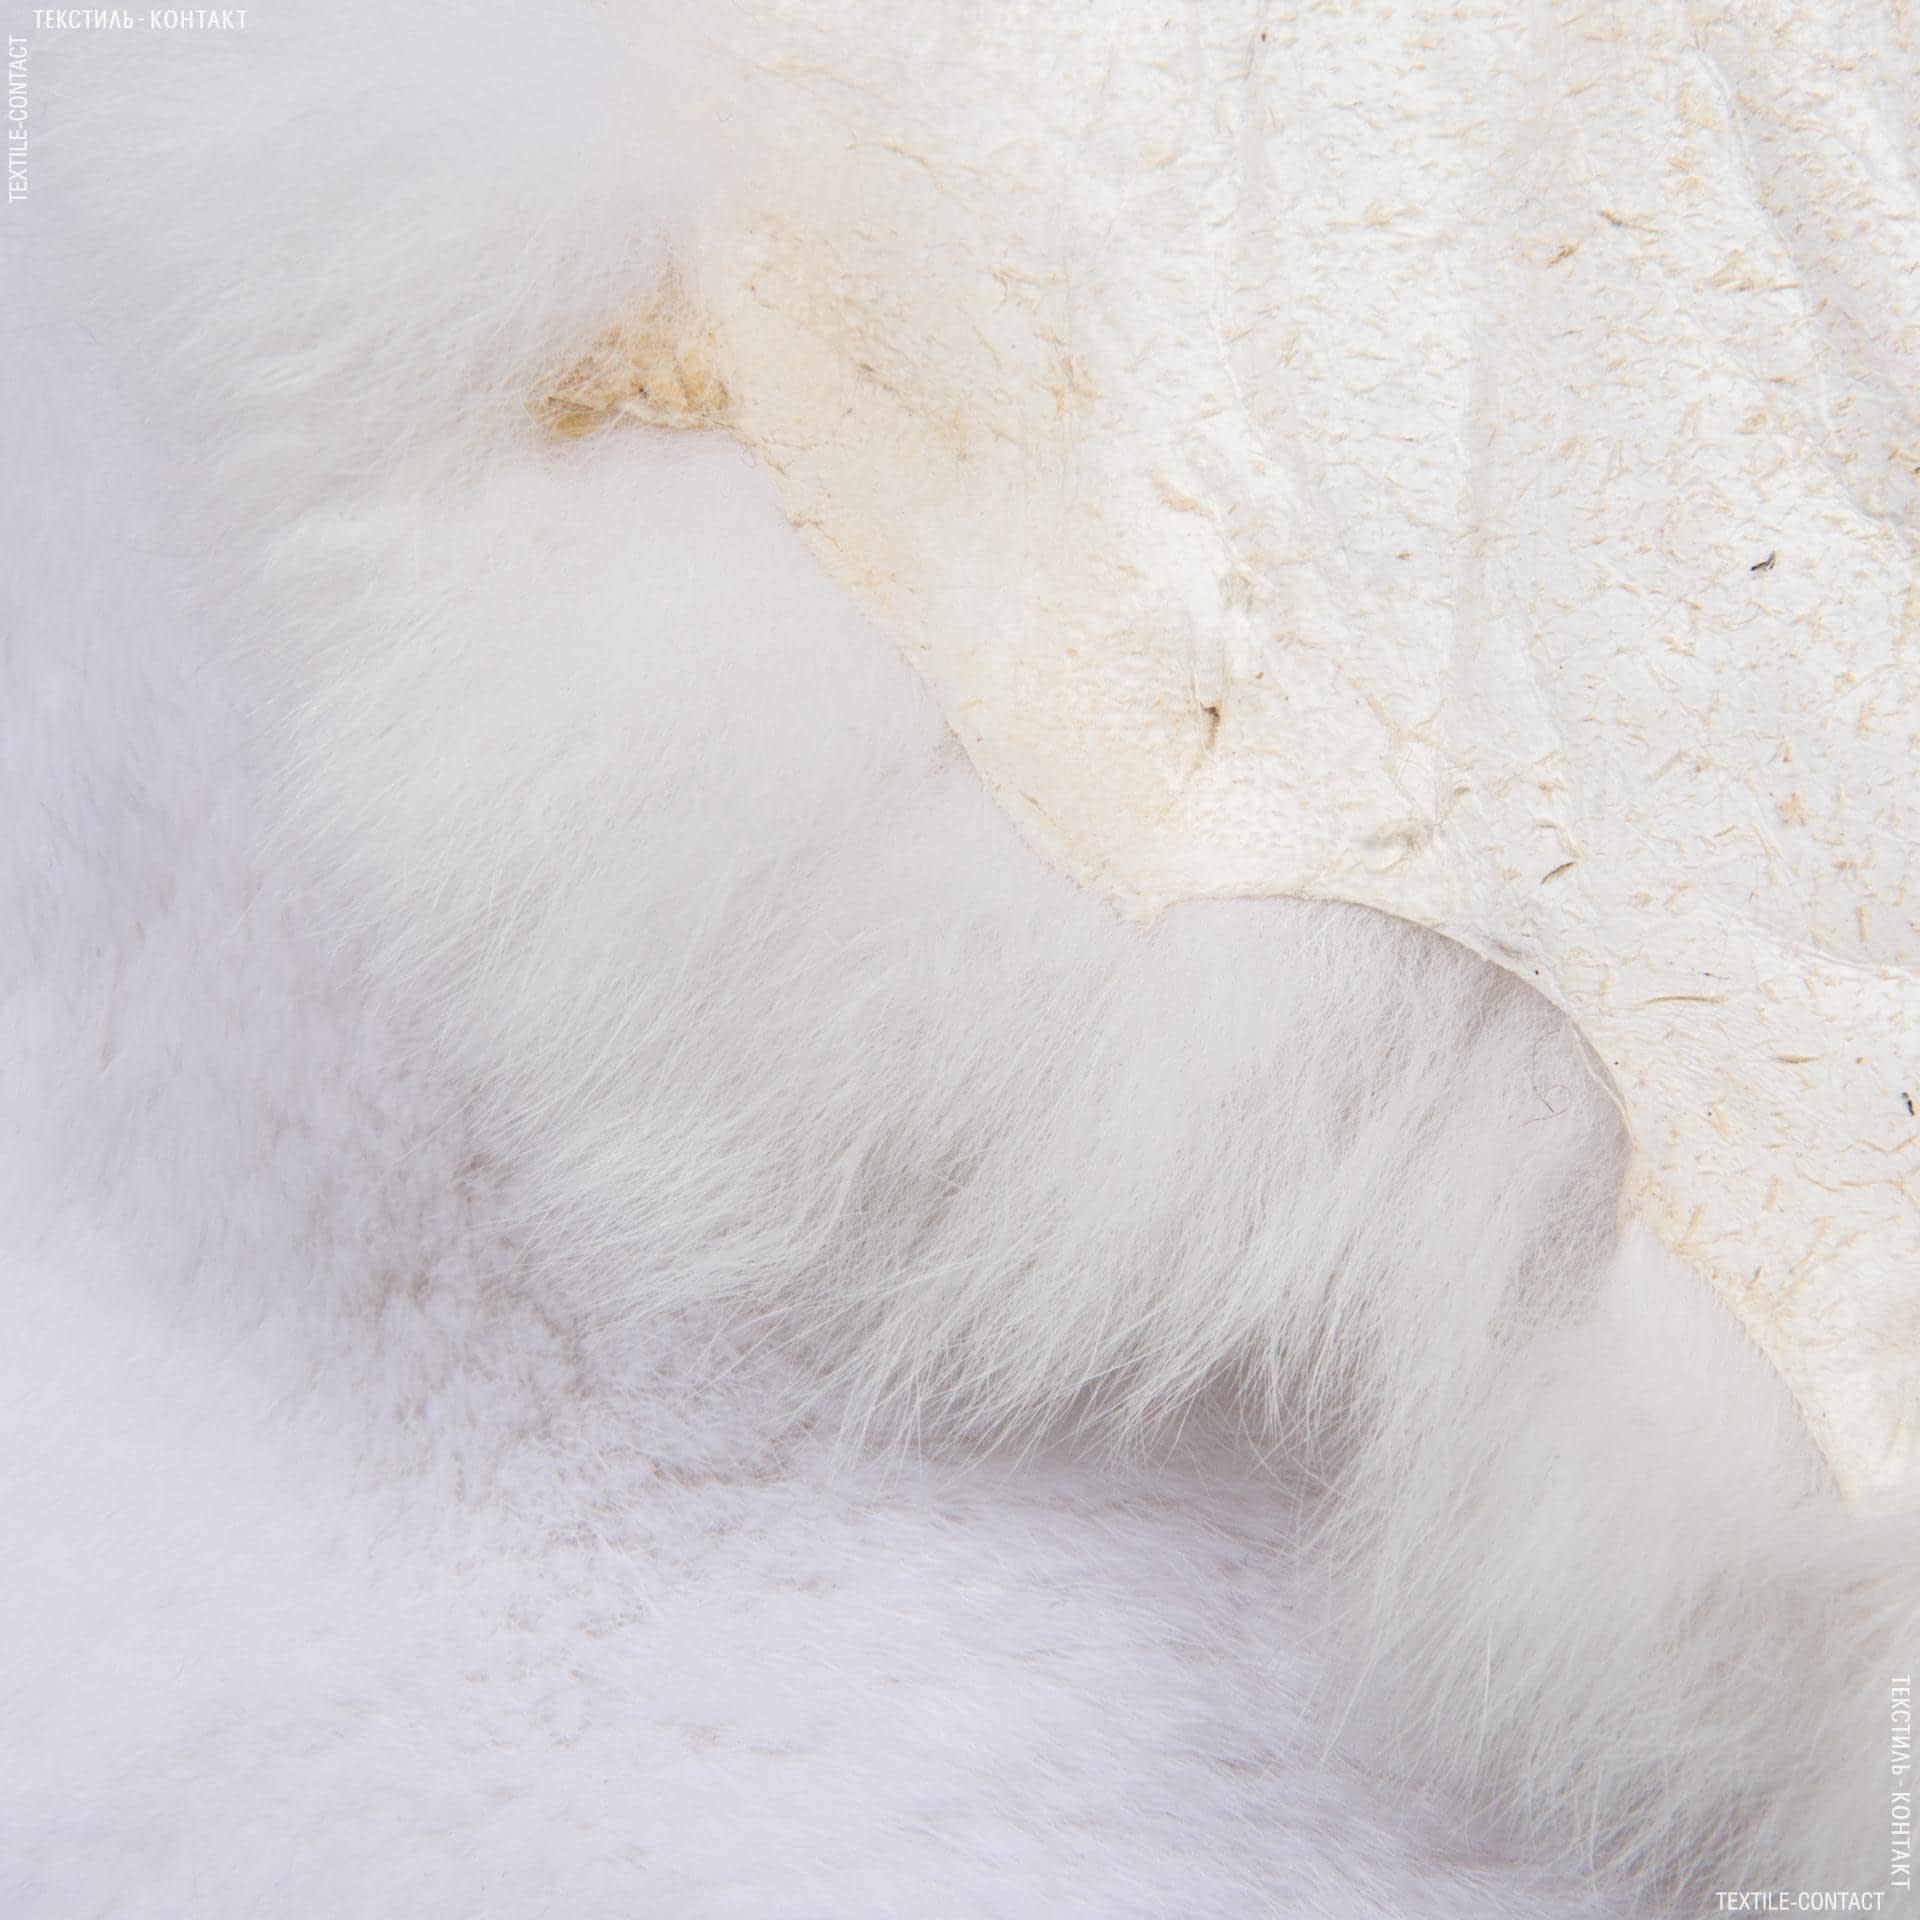 Ткани для верхней одежды - Мех натуральный кролик тату белый